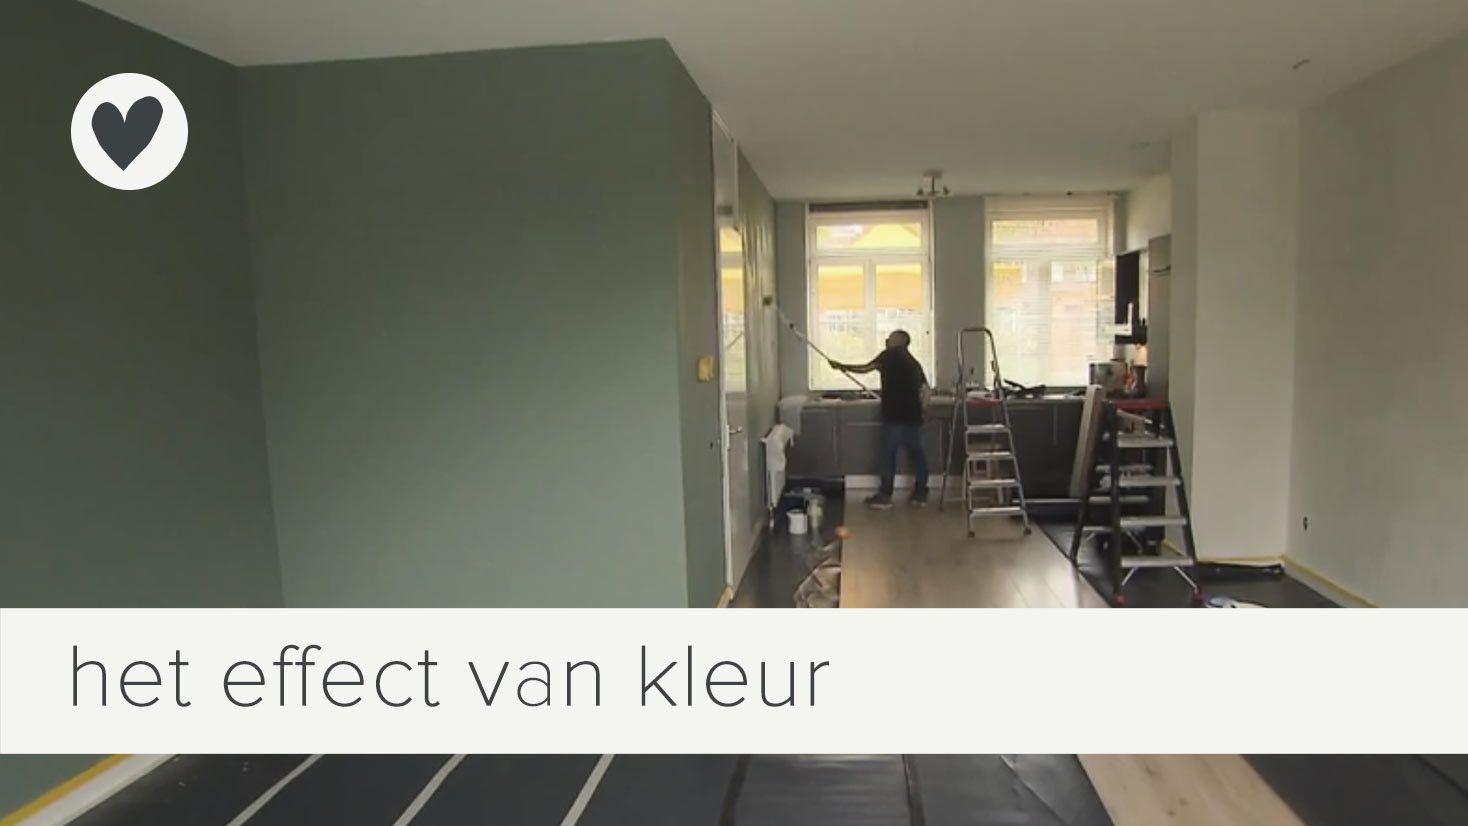 Groene Wand Woonkamer : Afbeeldingsresultaat voor groene wand woonkamer huisdecoratie